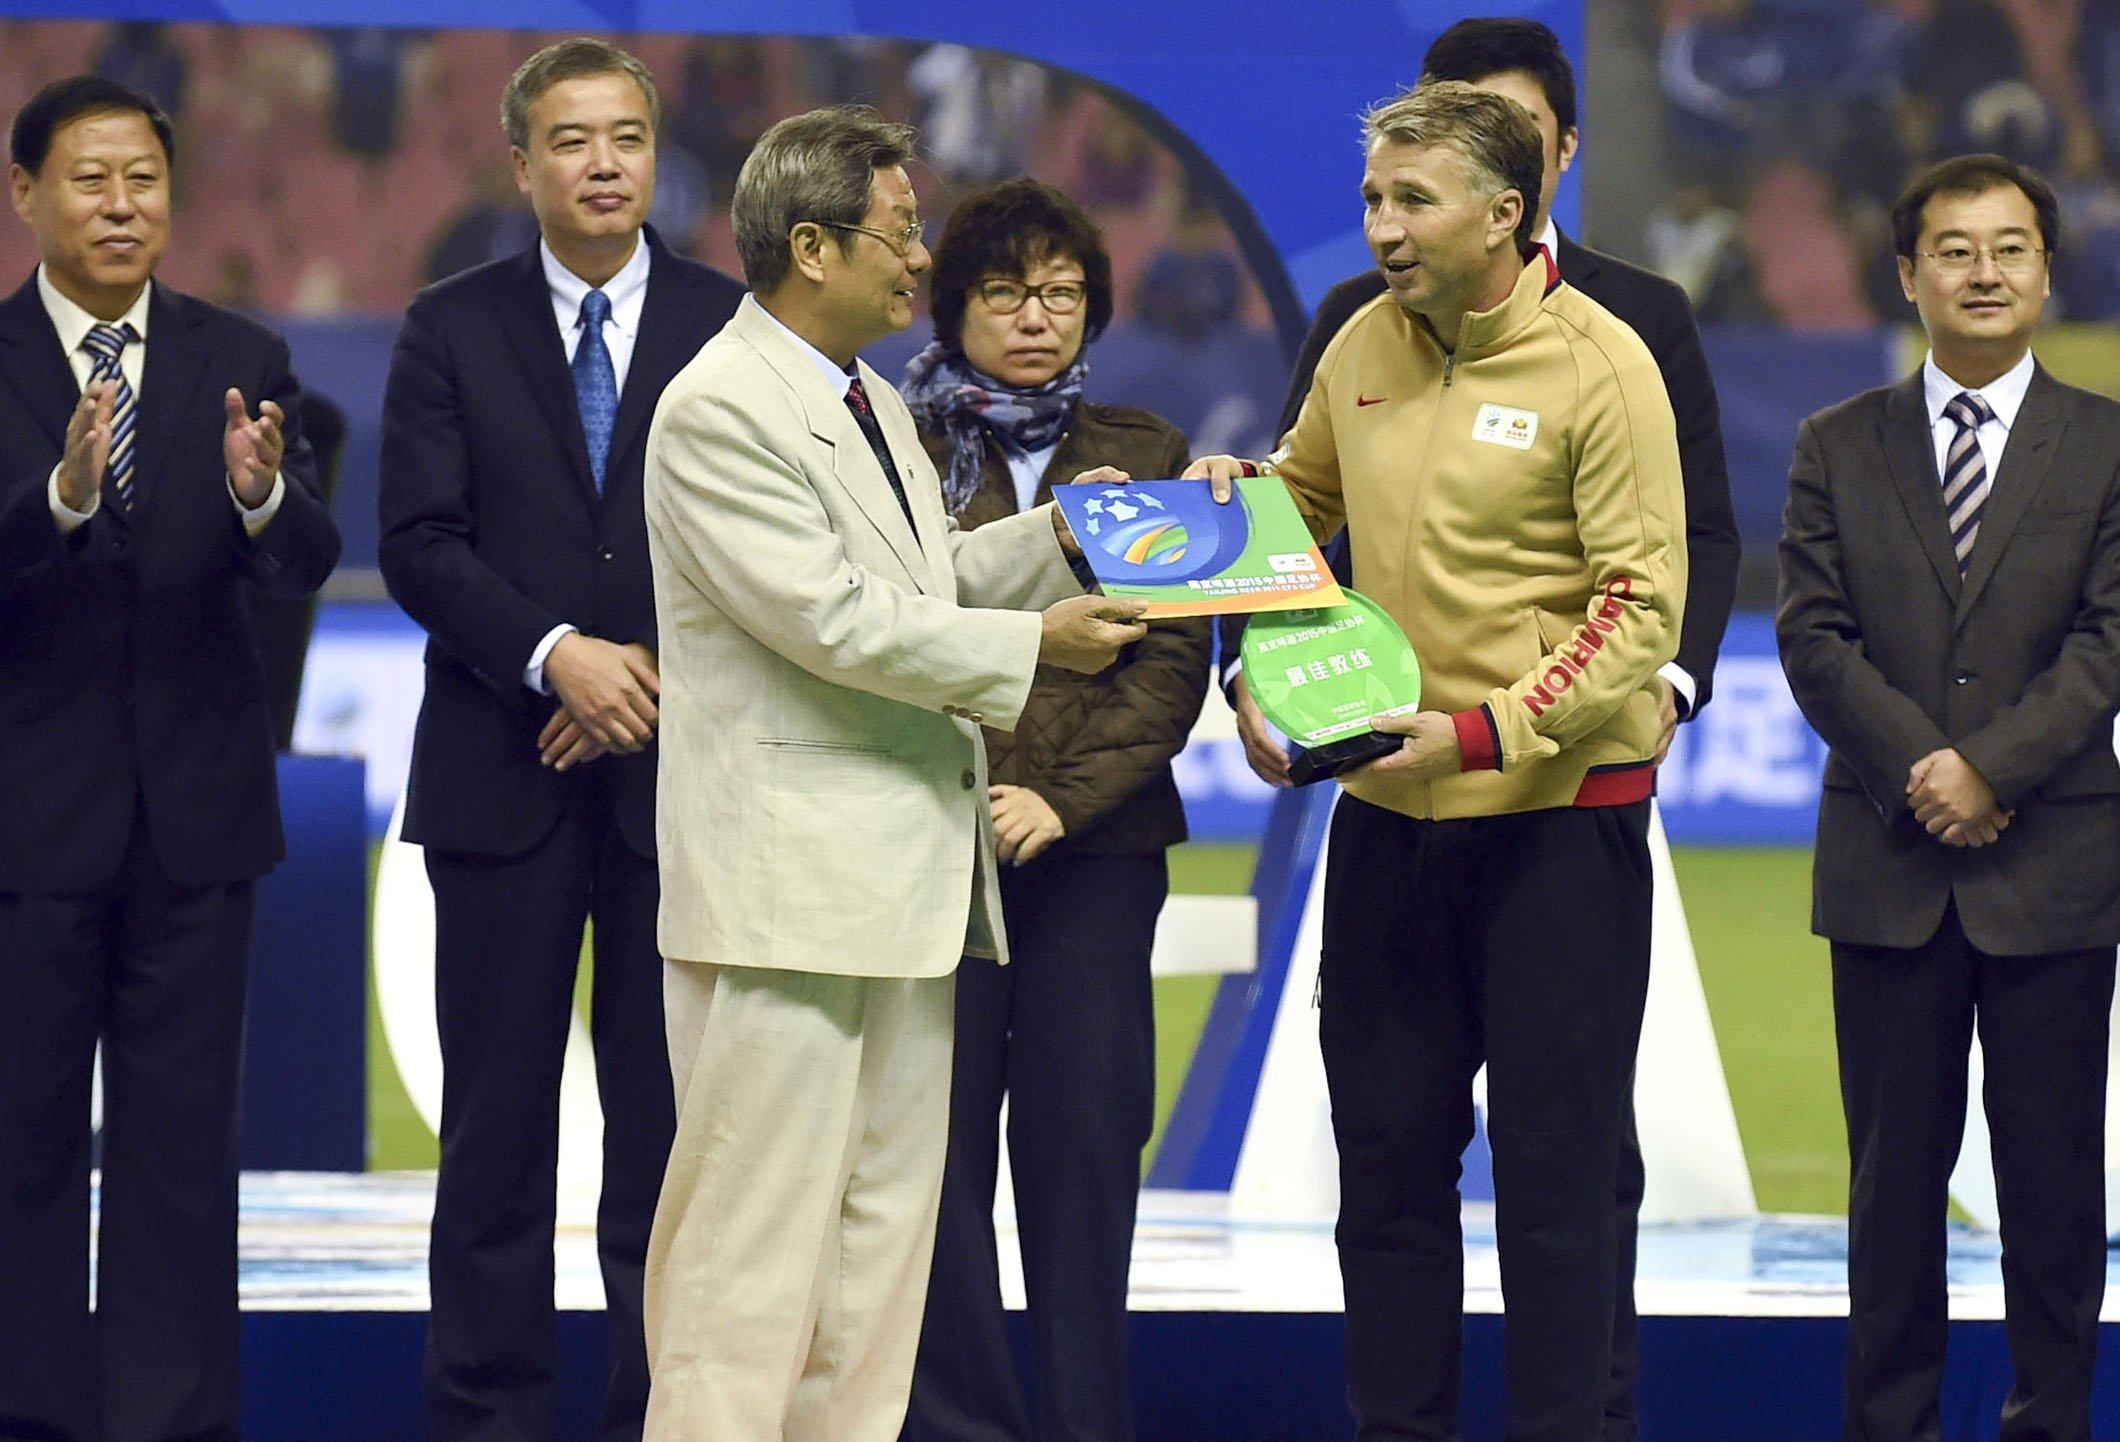 佩帅获得最佳教练